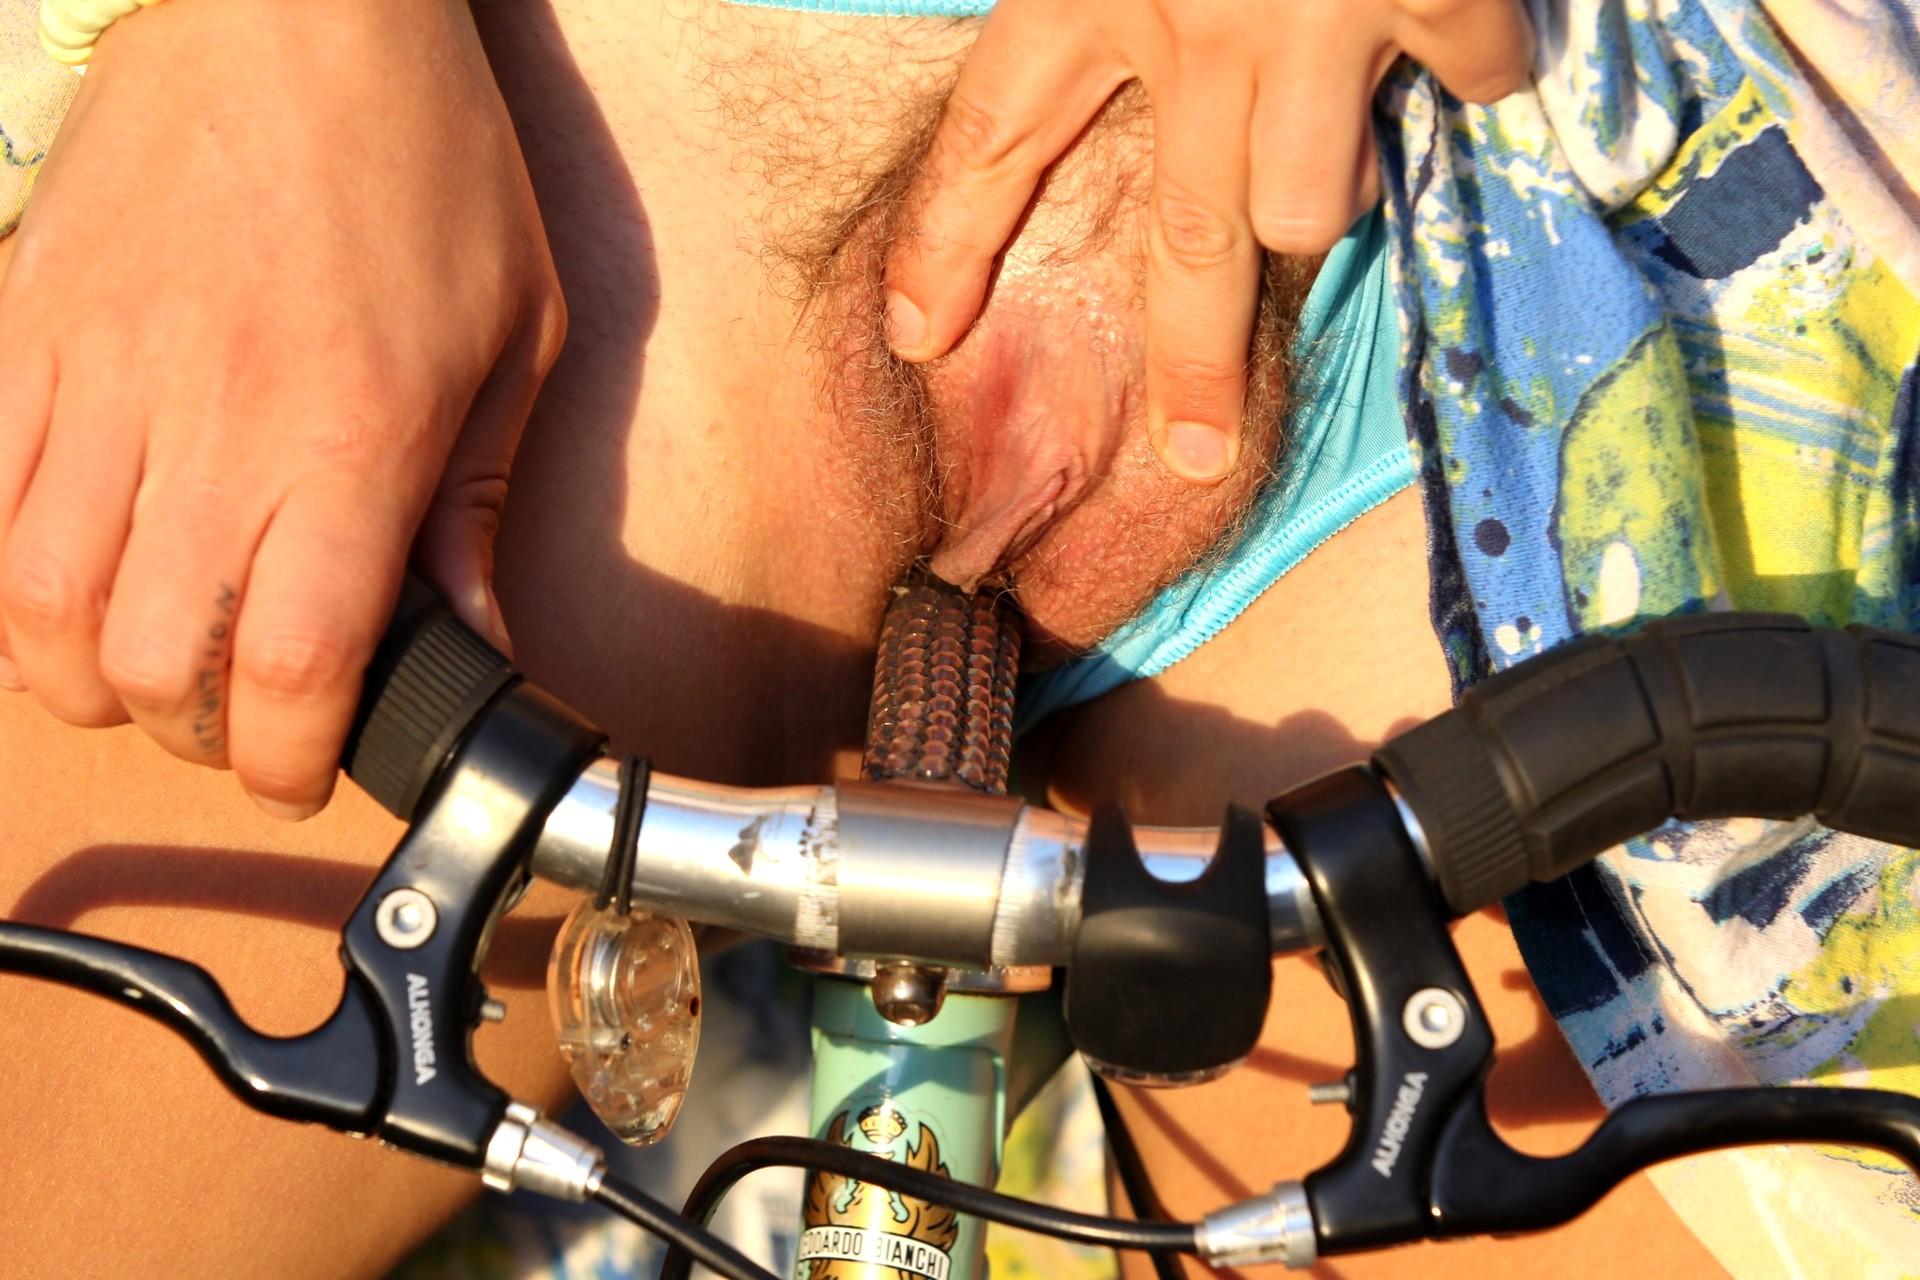 Суку выебали велосипедным самотыком, дамские пилотки видео